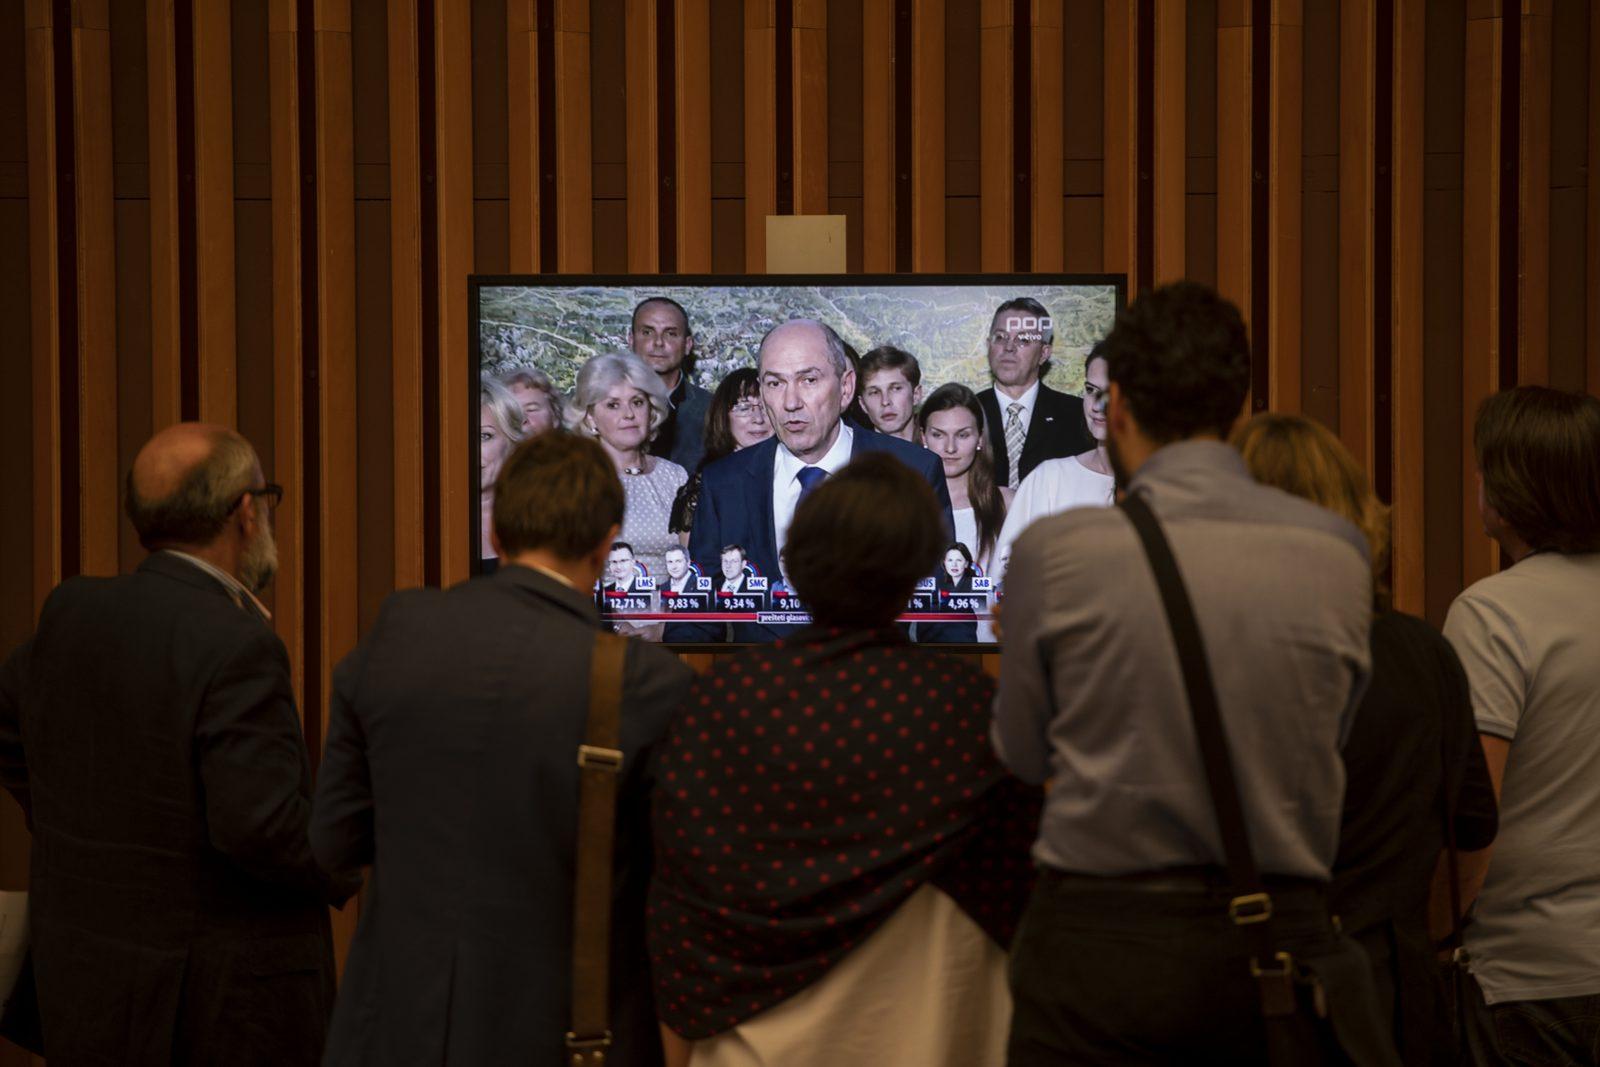 Comisia Europeană condamnă atacurile premierului sloven asupra jurnaliștilor